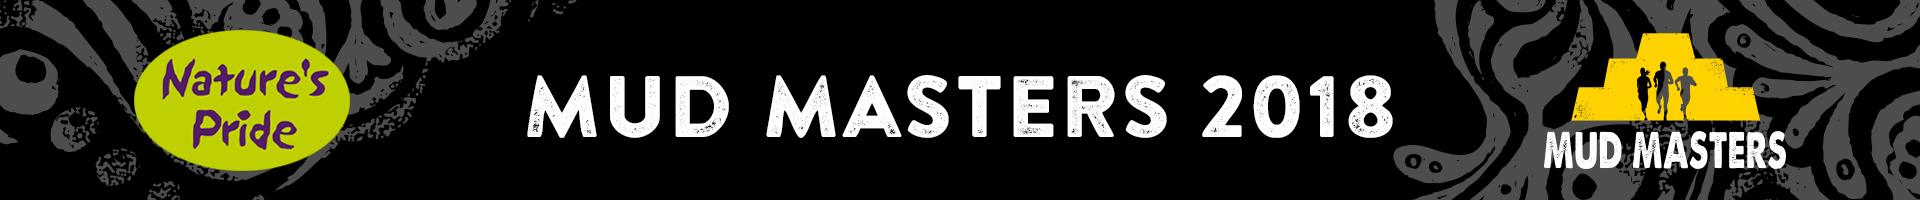 Mud Masters 2018